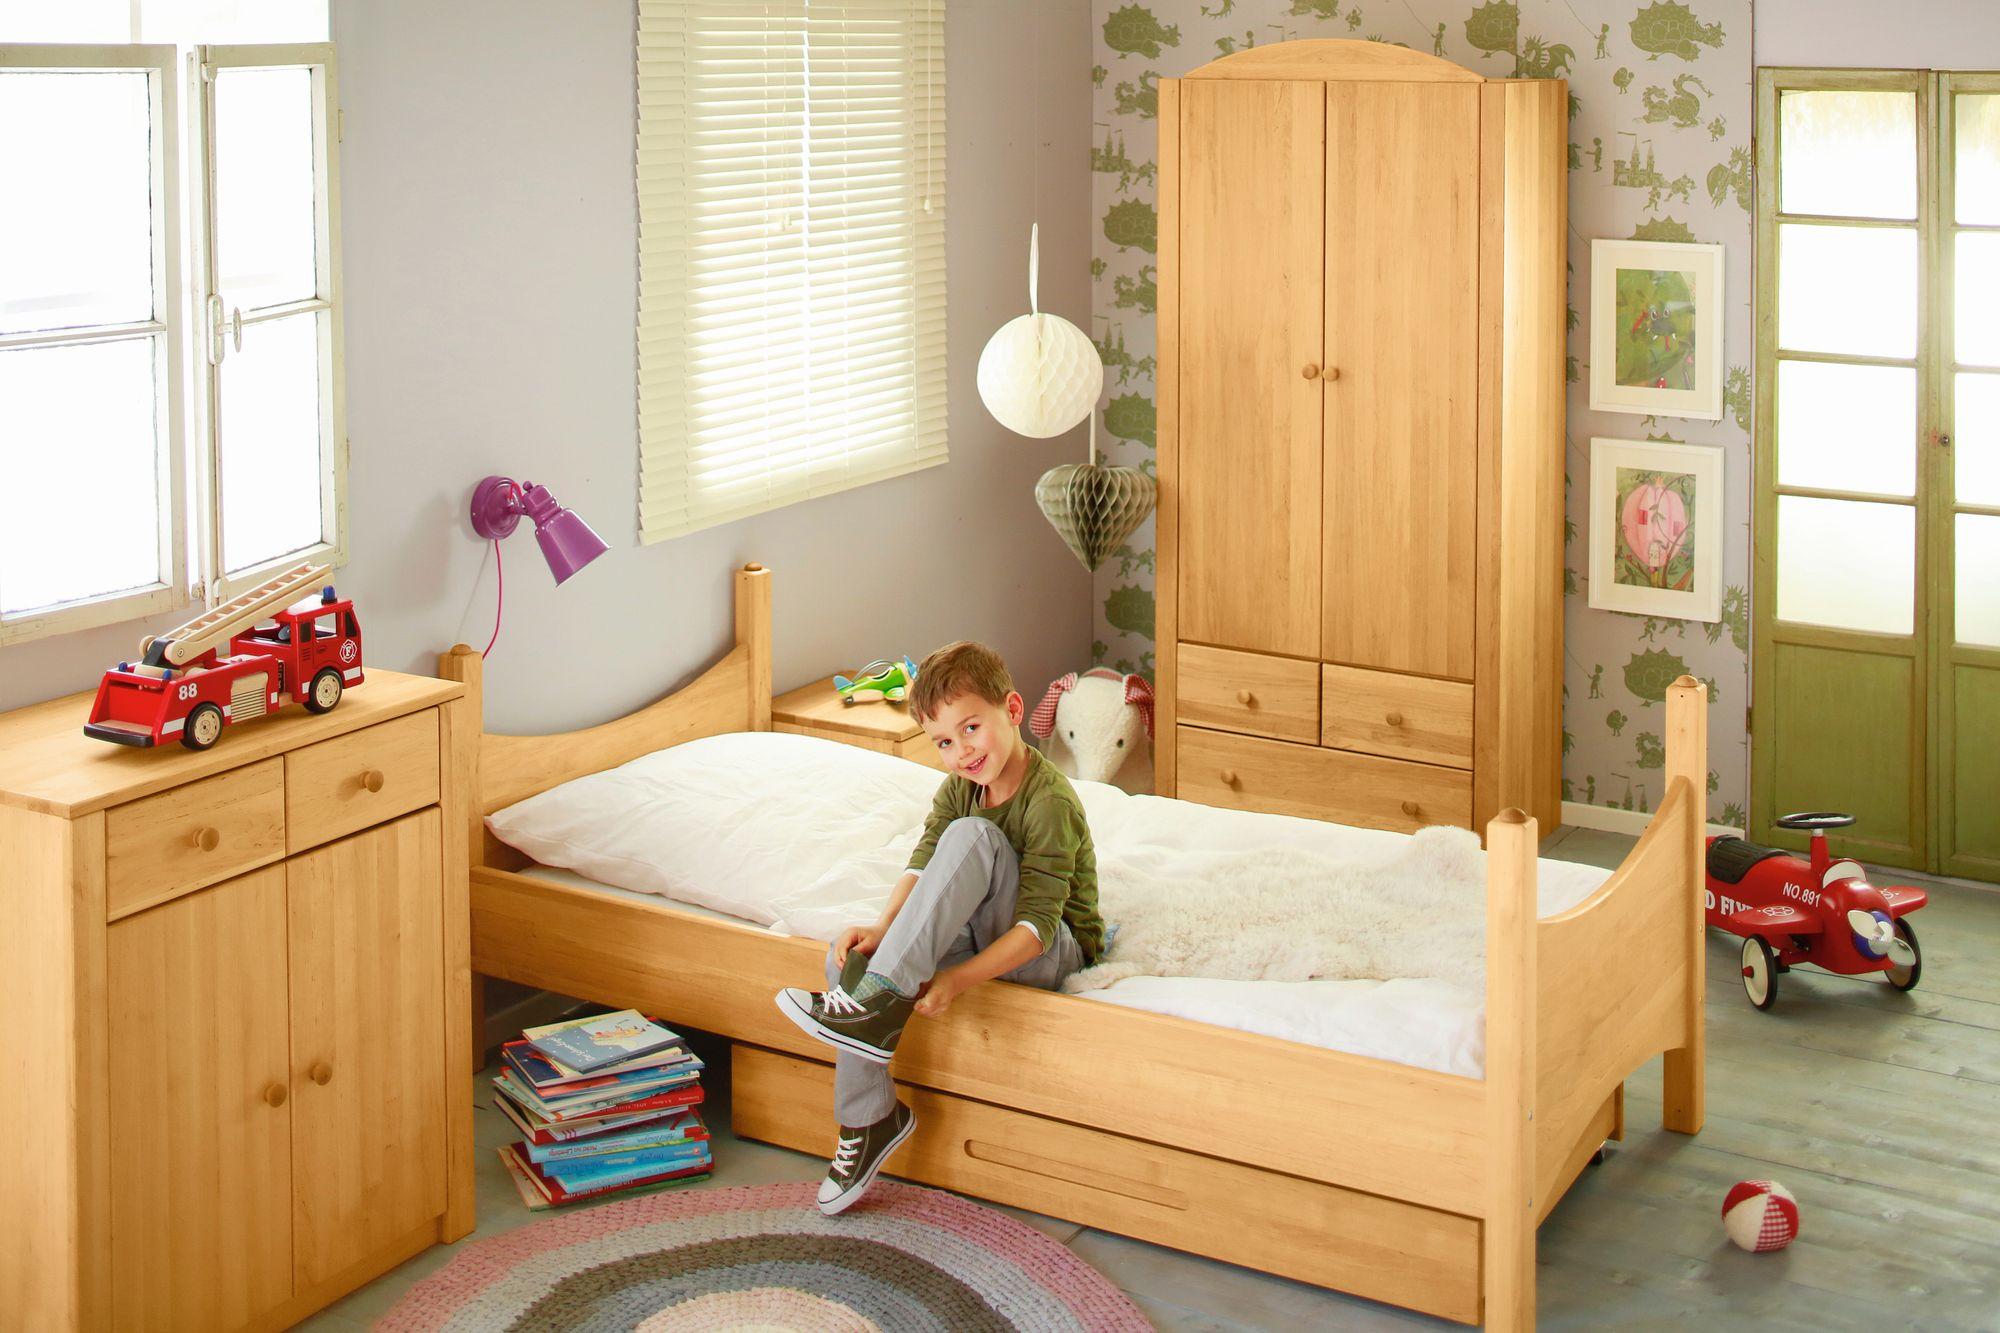 Full Size of Bioset Noah Kinderzimmer Erle Günstige Schlafzimmer Komplett Regal Mit Lattenrost Und Matratze Poco Wohnzimmer Komplette Badezimmer Regale Günstig Komplettes Kinderzimmer Komplett Kinderzimmer